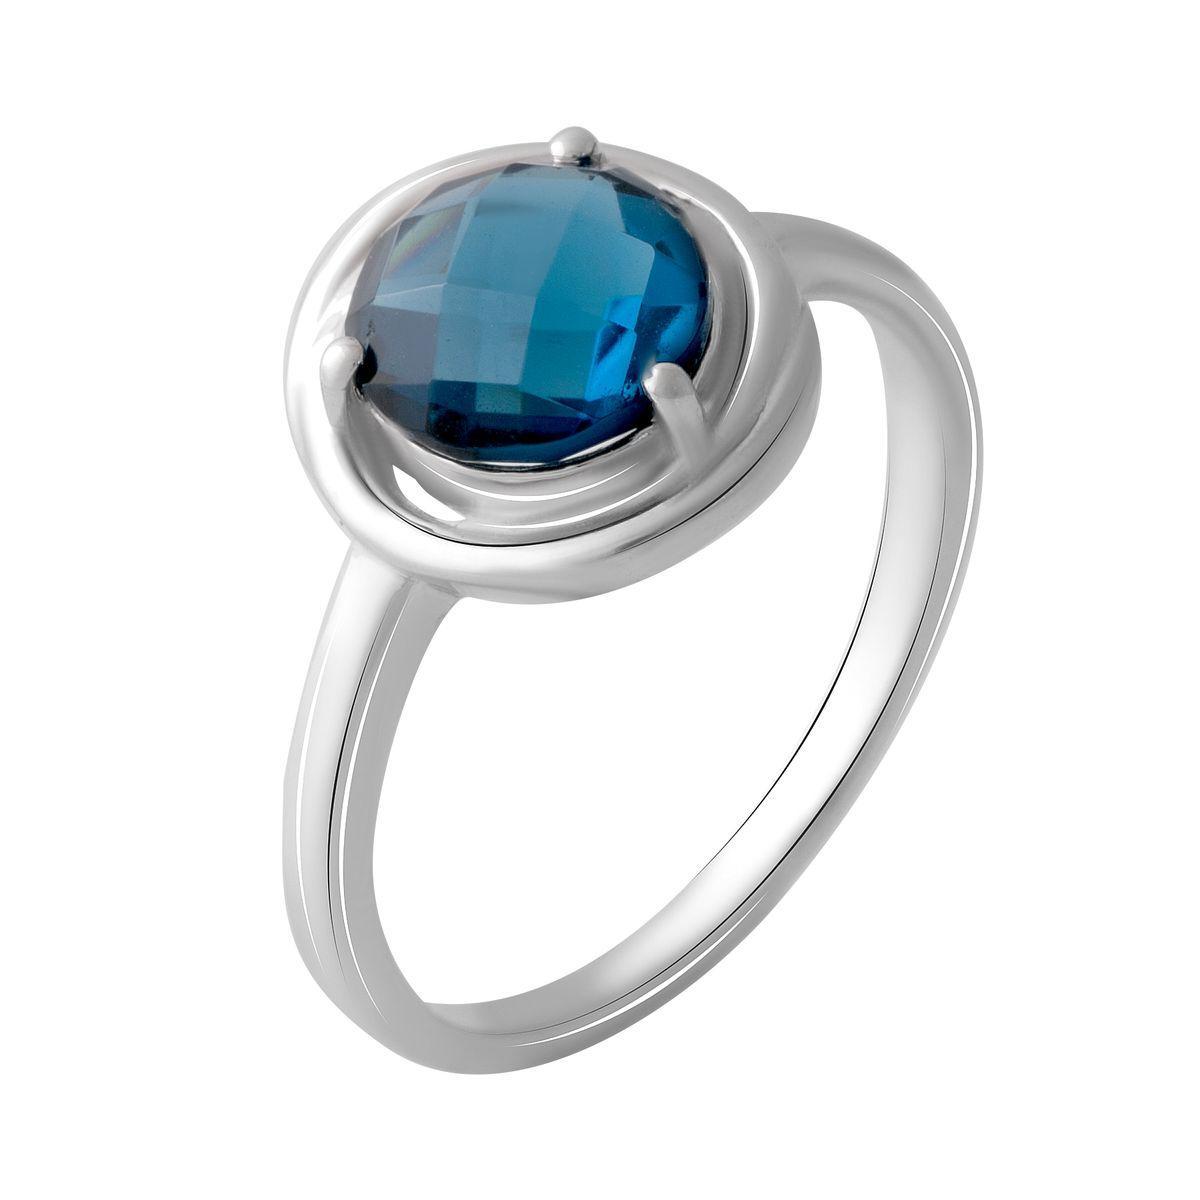 Серебряное кольцо DreamJewelry с натуральным топазом Лондон Блю 1.525ct (2049043) 18 размер